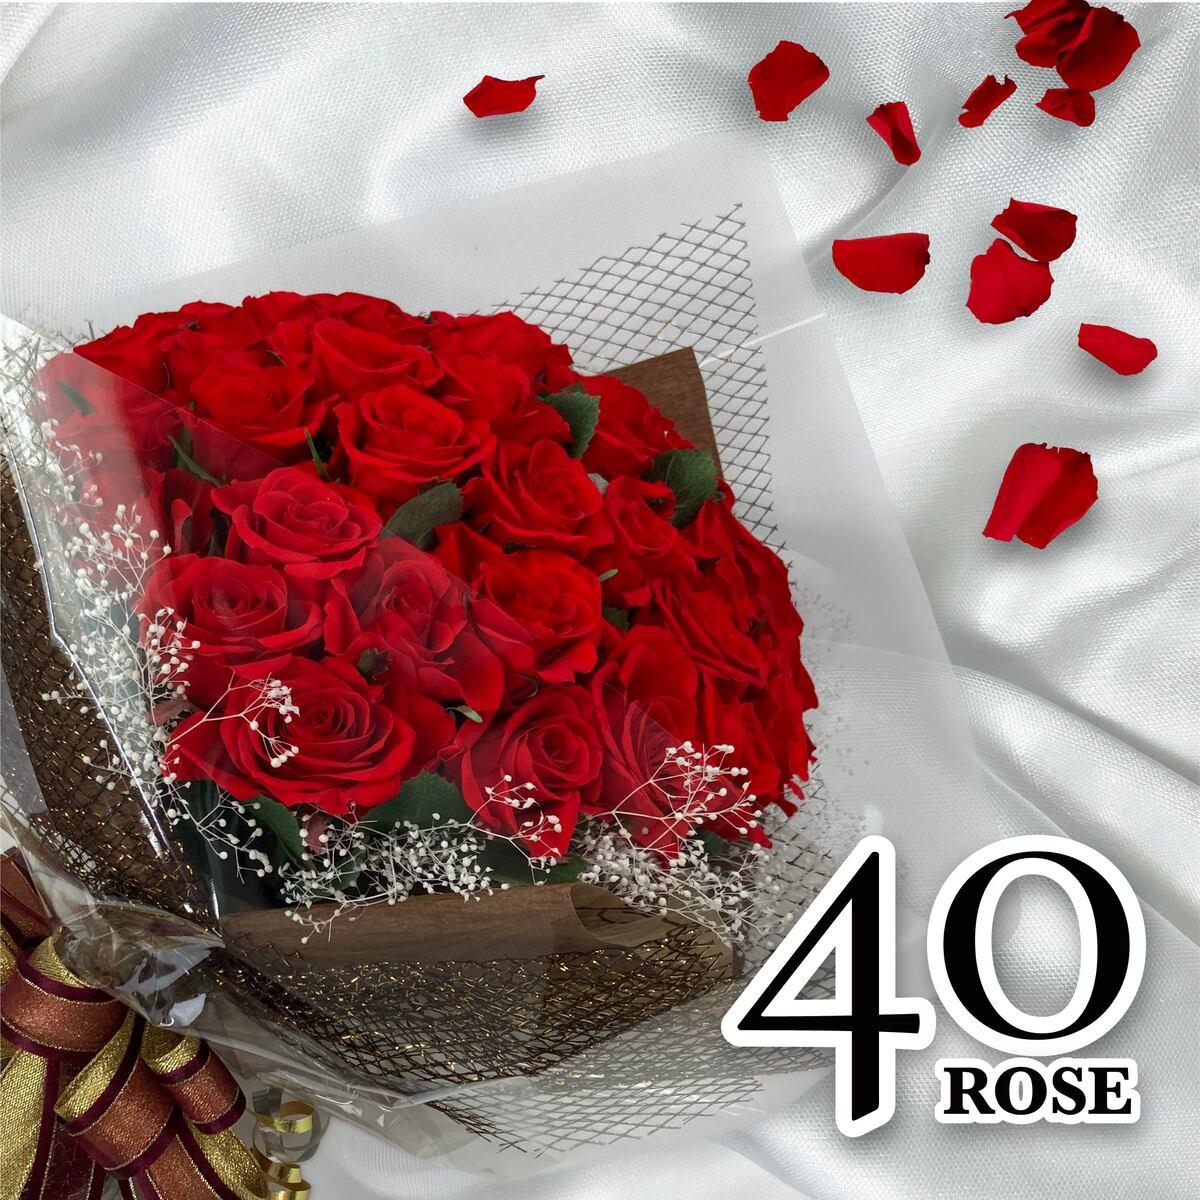 【あす楽】 母の日 母の日ギフト プリザーブドフラワー バラ 40輪(40本) 幸福の花束 ギフト ローズブーケ フラワーアレンジメント 薔薇 花束 ブーケ 花 アレンジメント ギフト お供え 10800円~送料無料